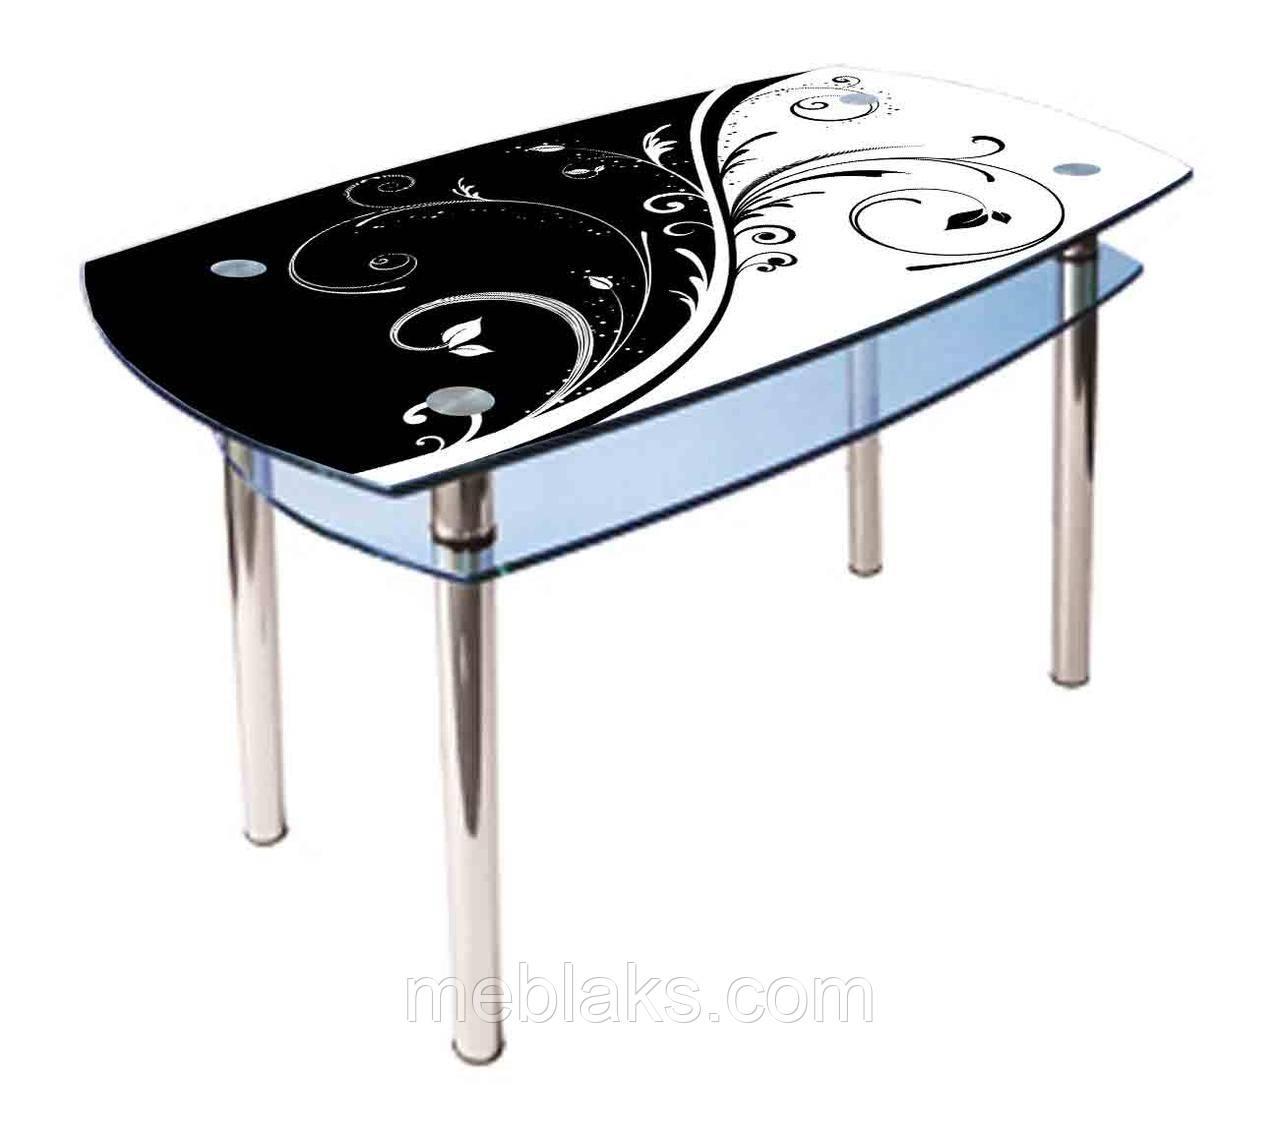 Стол стеклянный КС-2 (покраска)